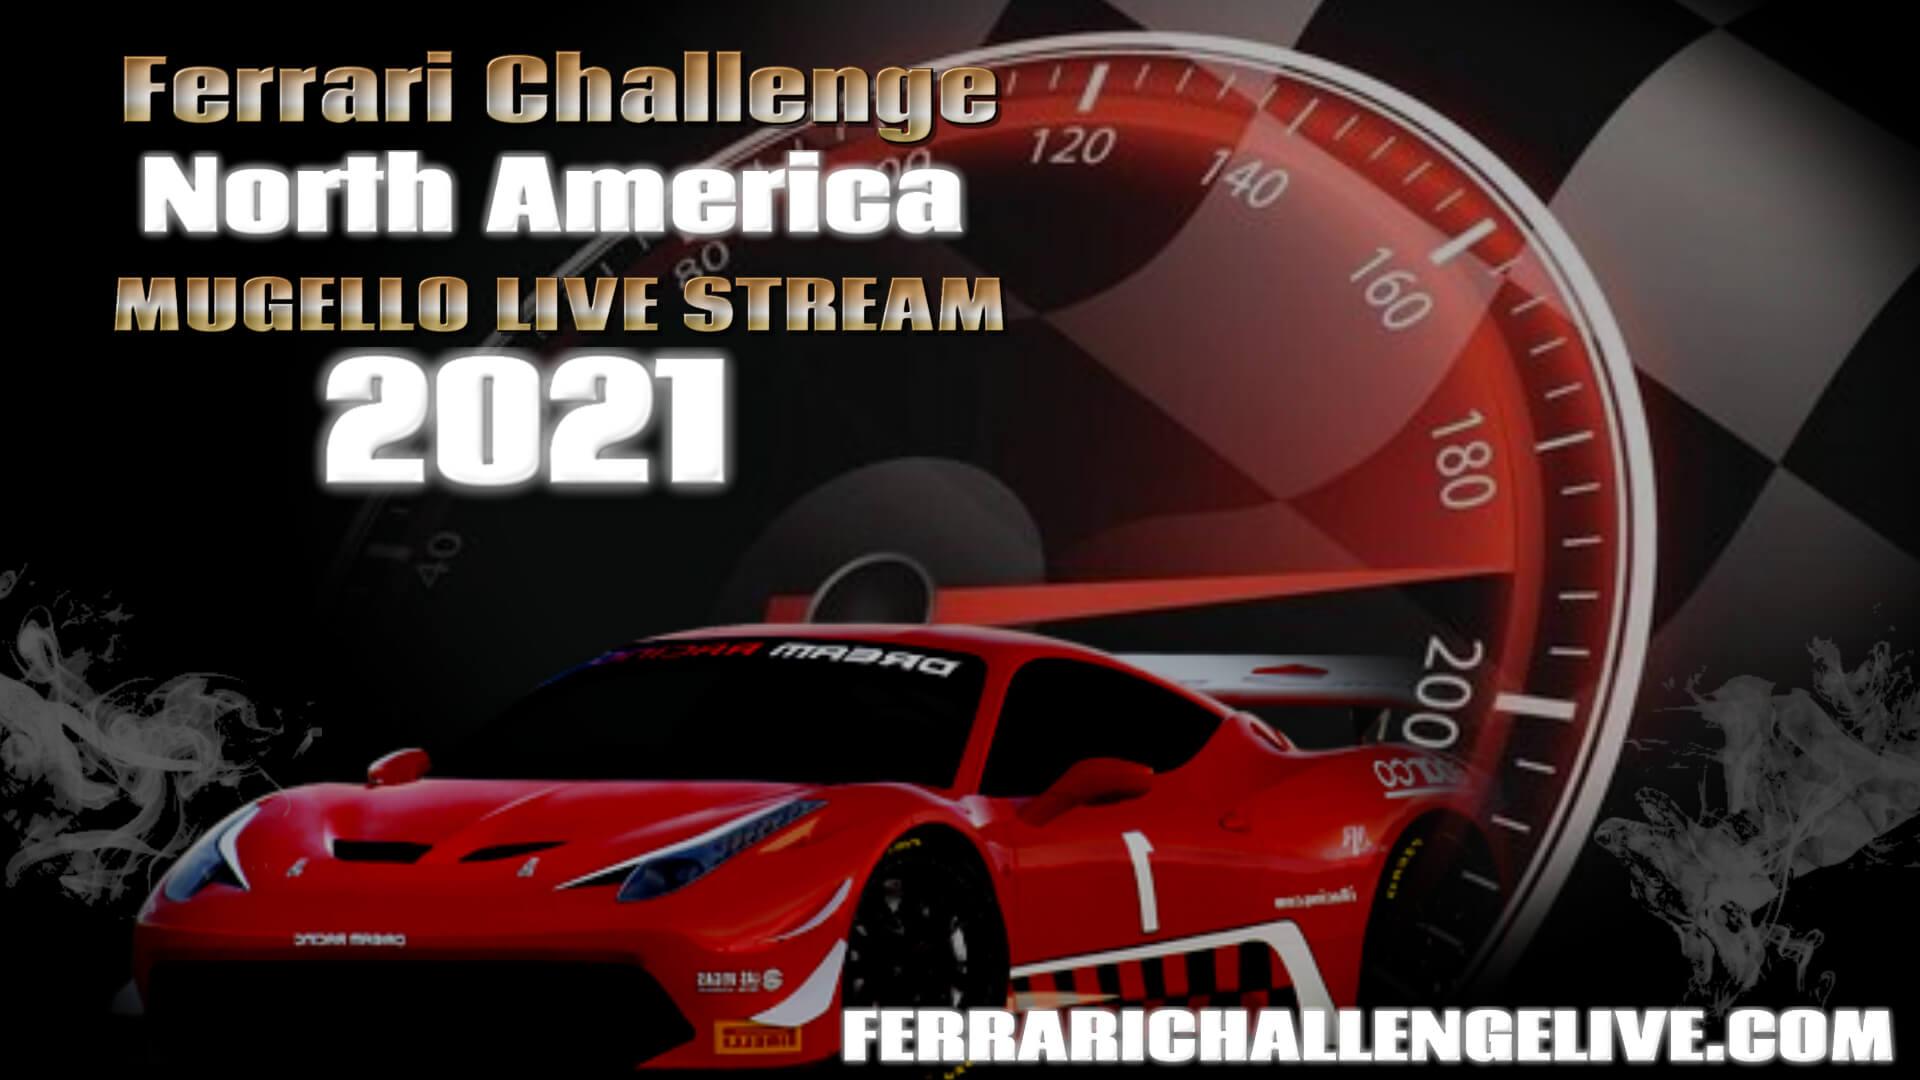 Mugello Live Stream 2021 | Ferrari Challenge